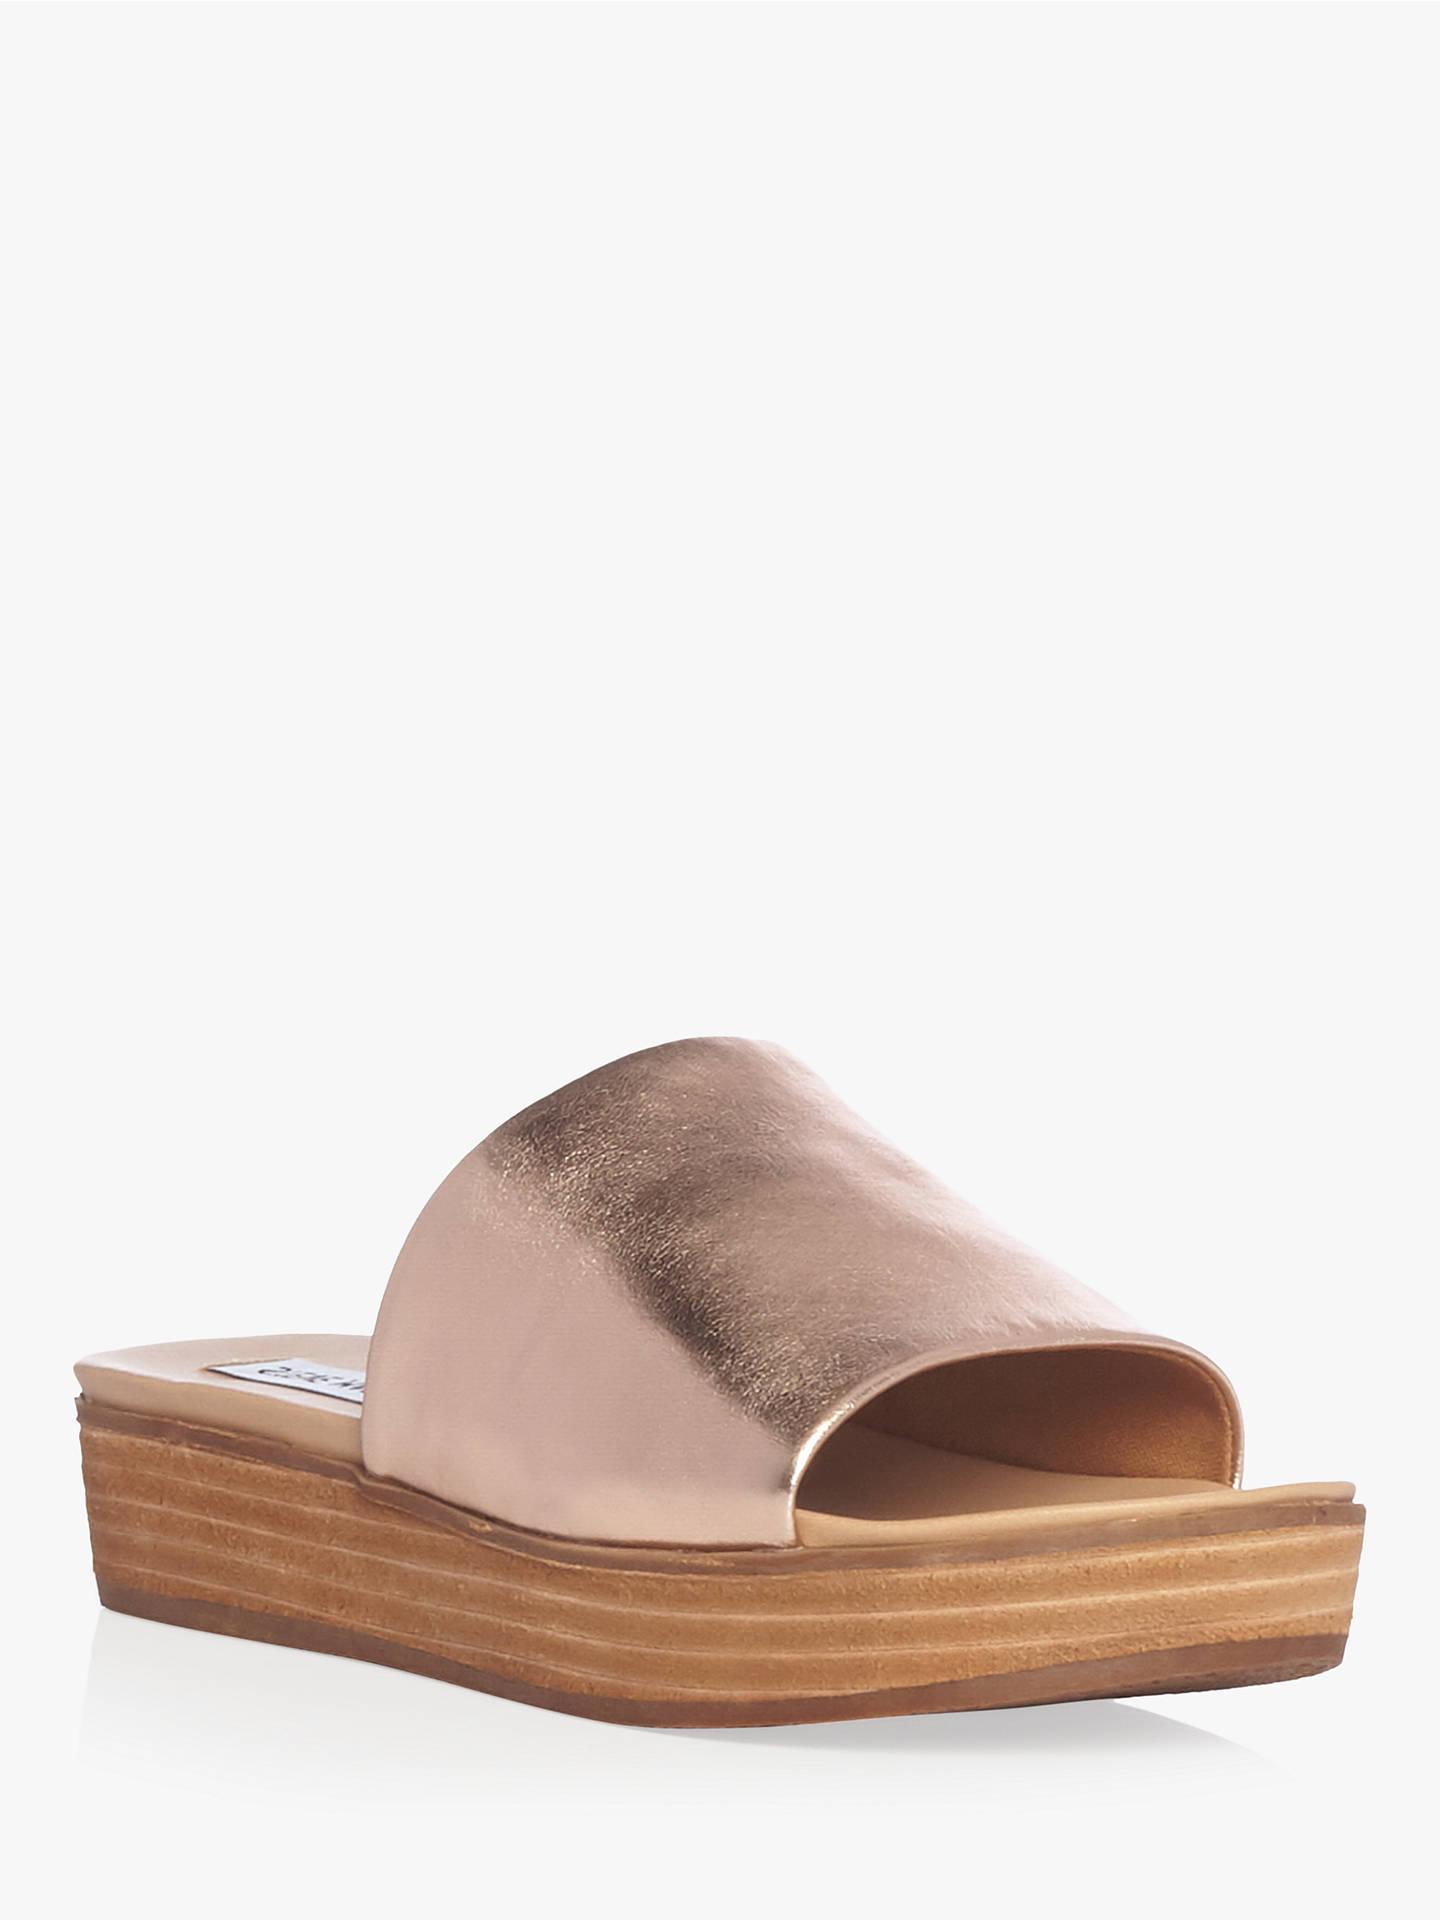 07fa1a69059 Steve Madden Genca Flatform Sandals at John Lewis & Partners